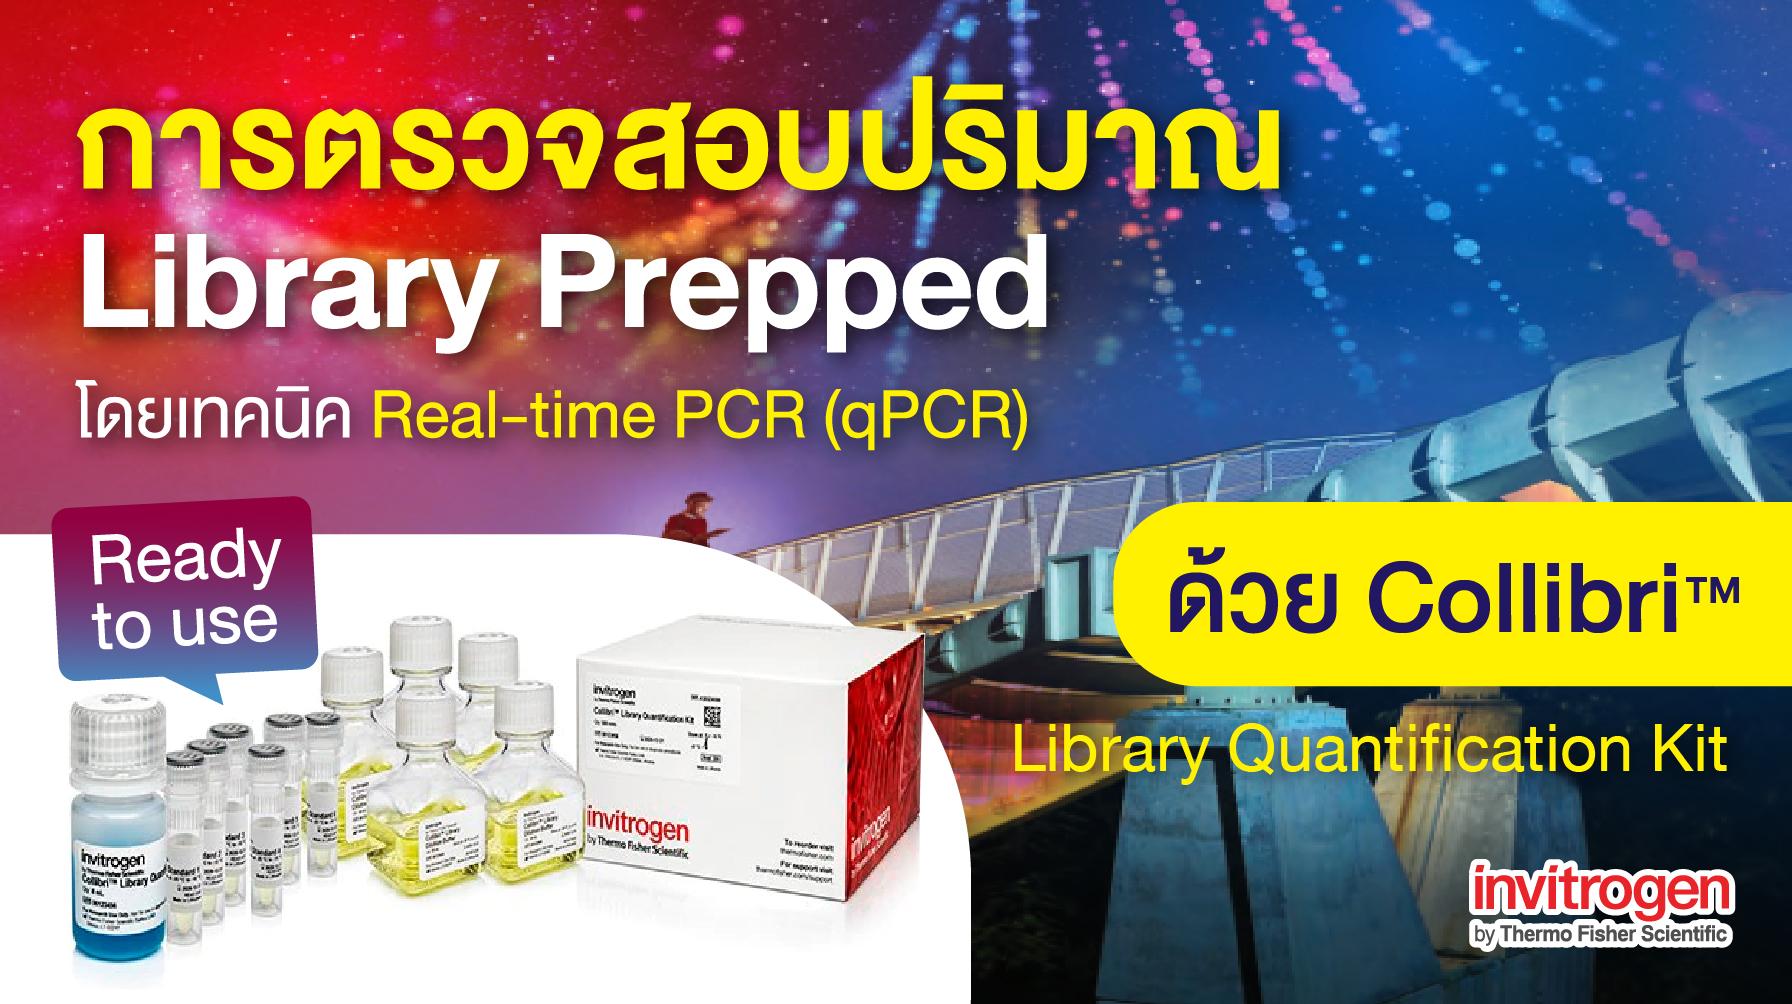 การตรวจสอบปริมาณ Library prepped ด้วยเทคนิค Real-time PCR (qPCR) ด้วย Collibri™ Library Quantification Kit